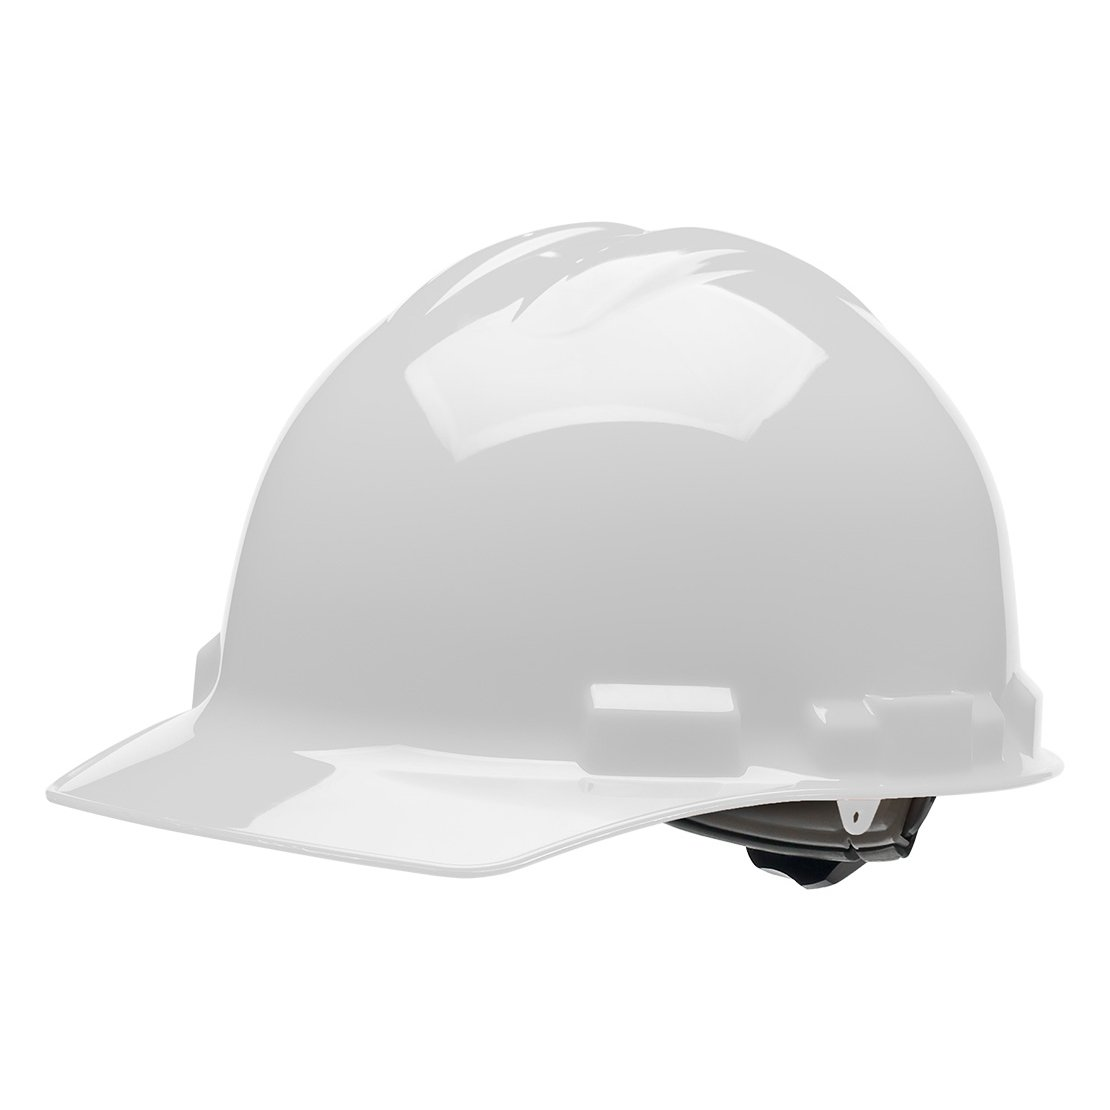 4 pt. Ratchet Cap Style Hard Hat (White), OSHA/ANSI Compliant